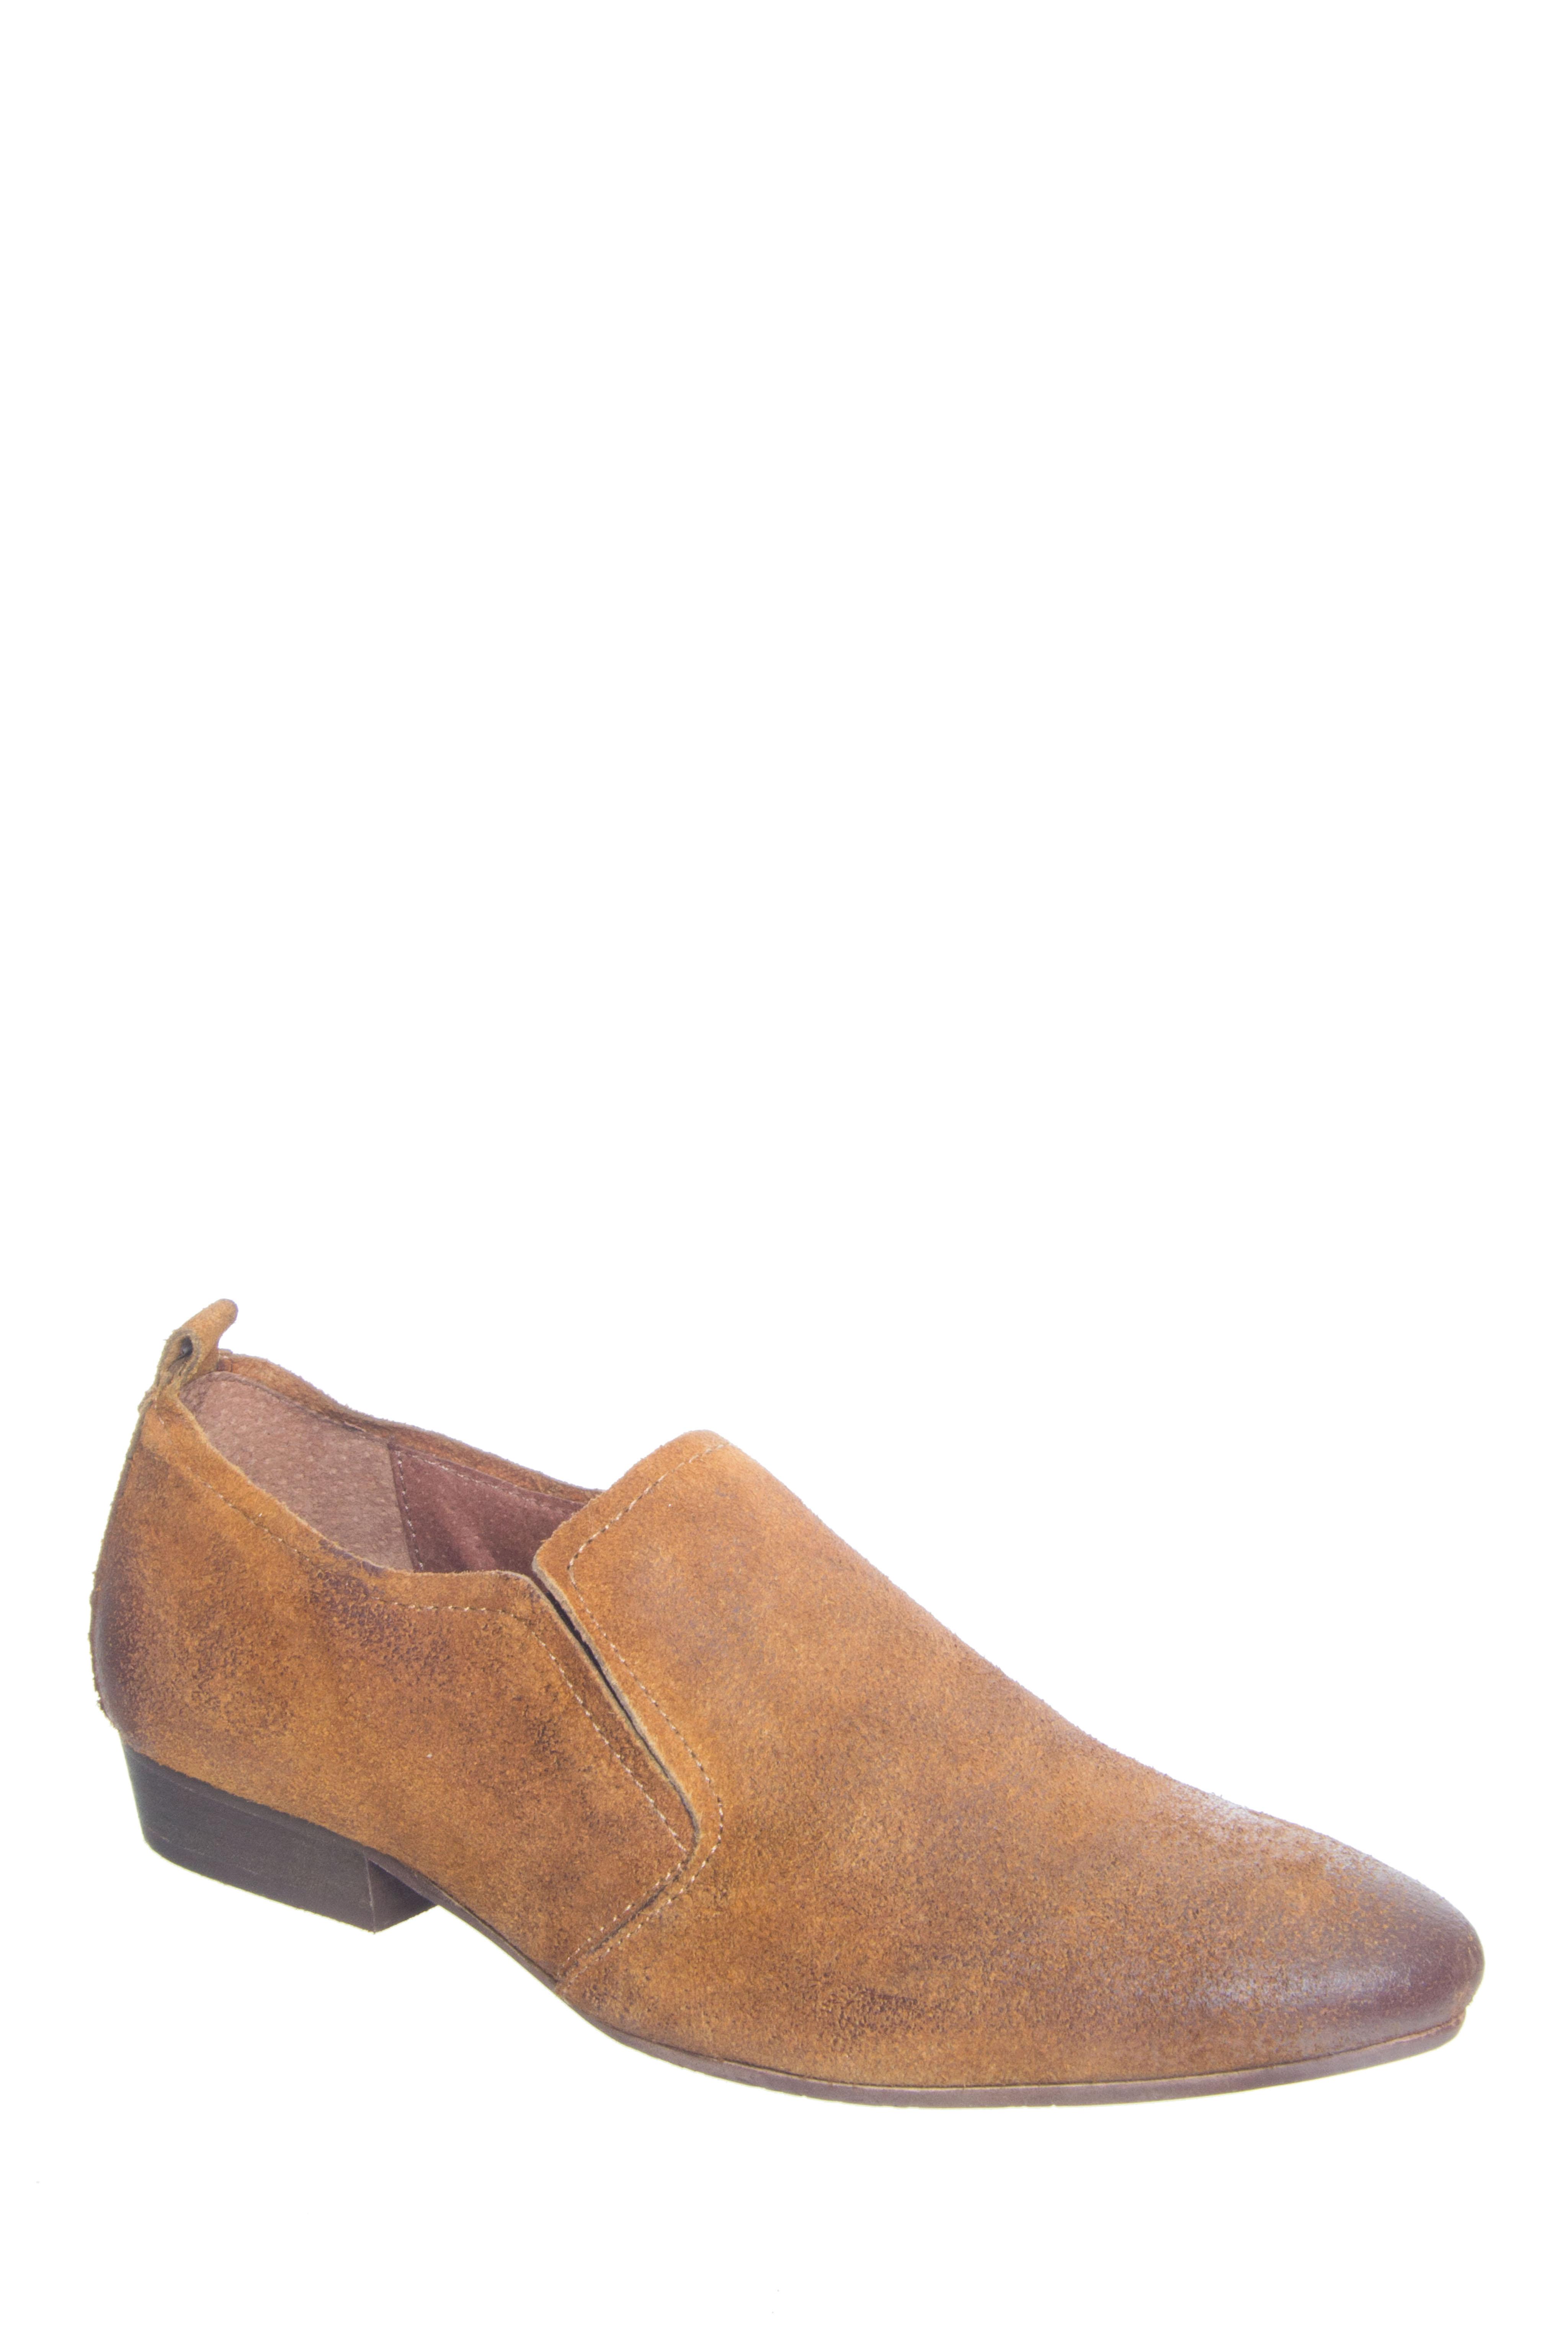 Seychelles Skein Low Heel Loafers - Cognac